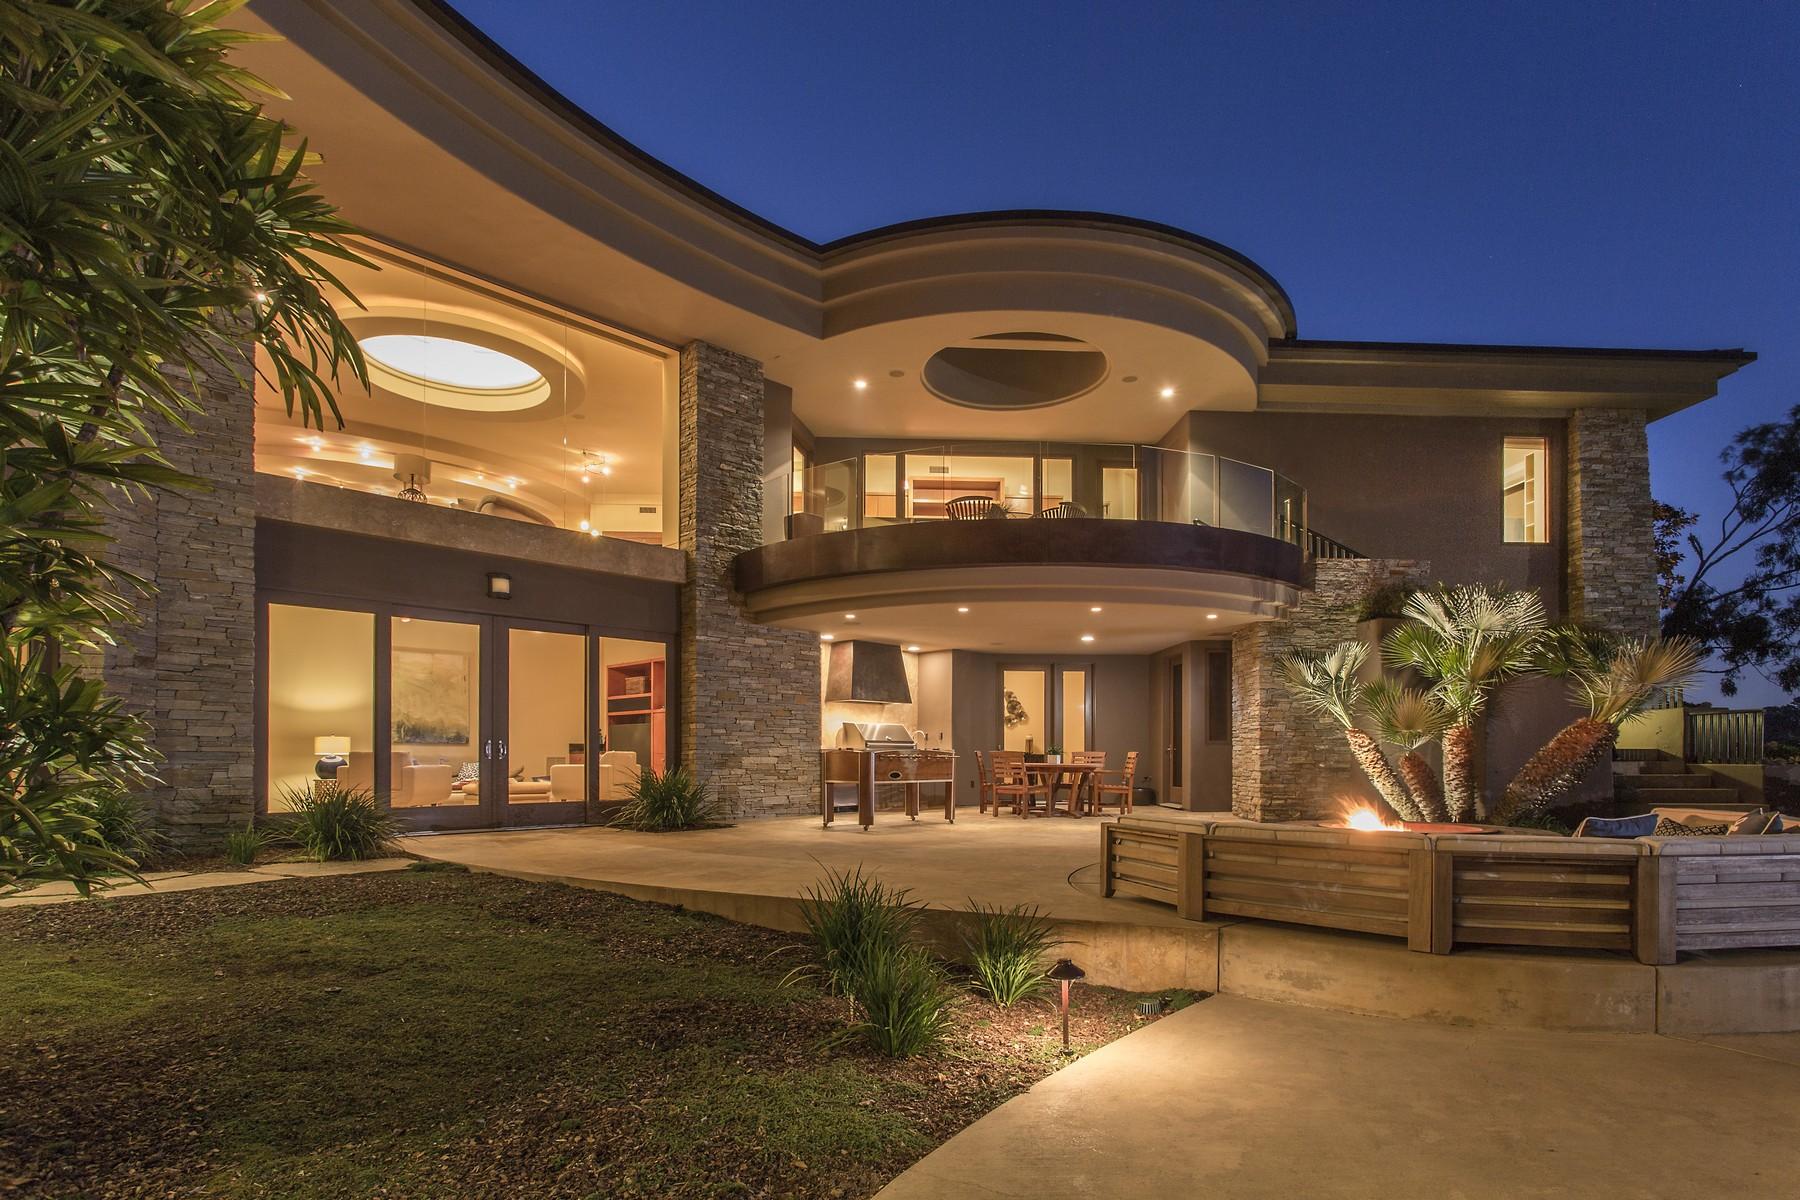 Single Family Home for Sale at 7773 Starlight Drive La Jolla, California, 92037 United States